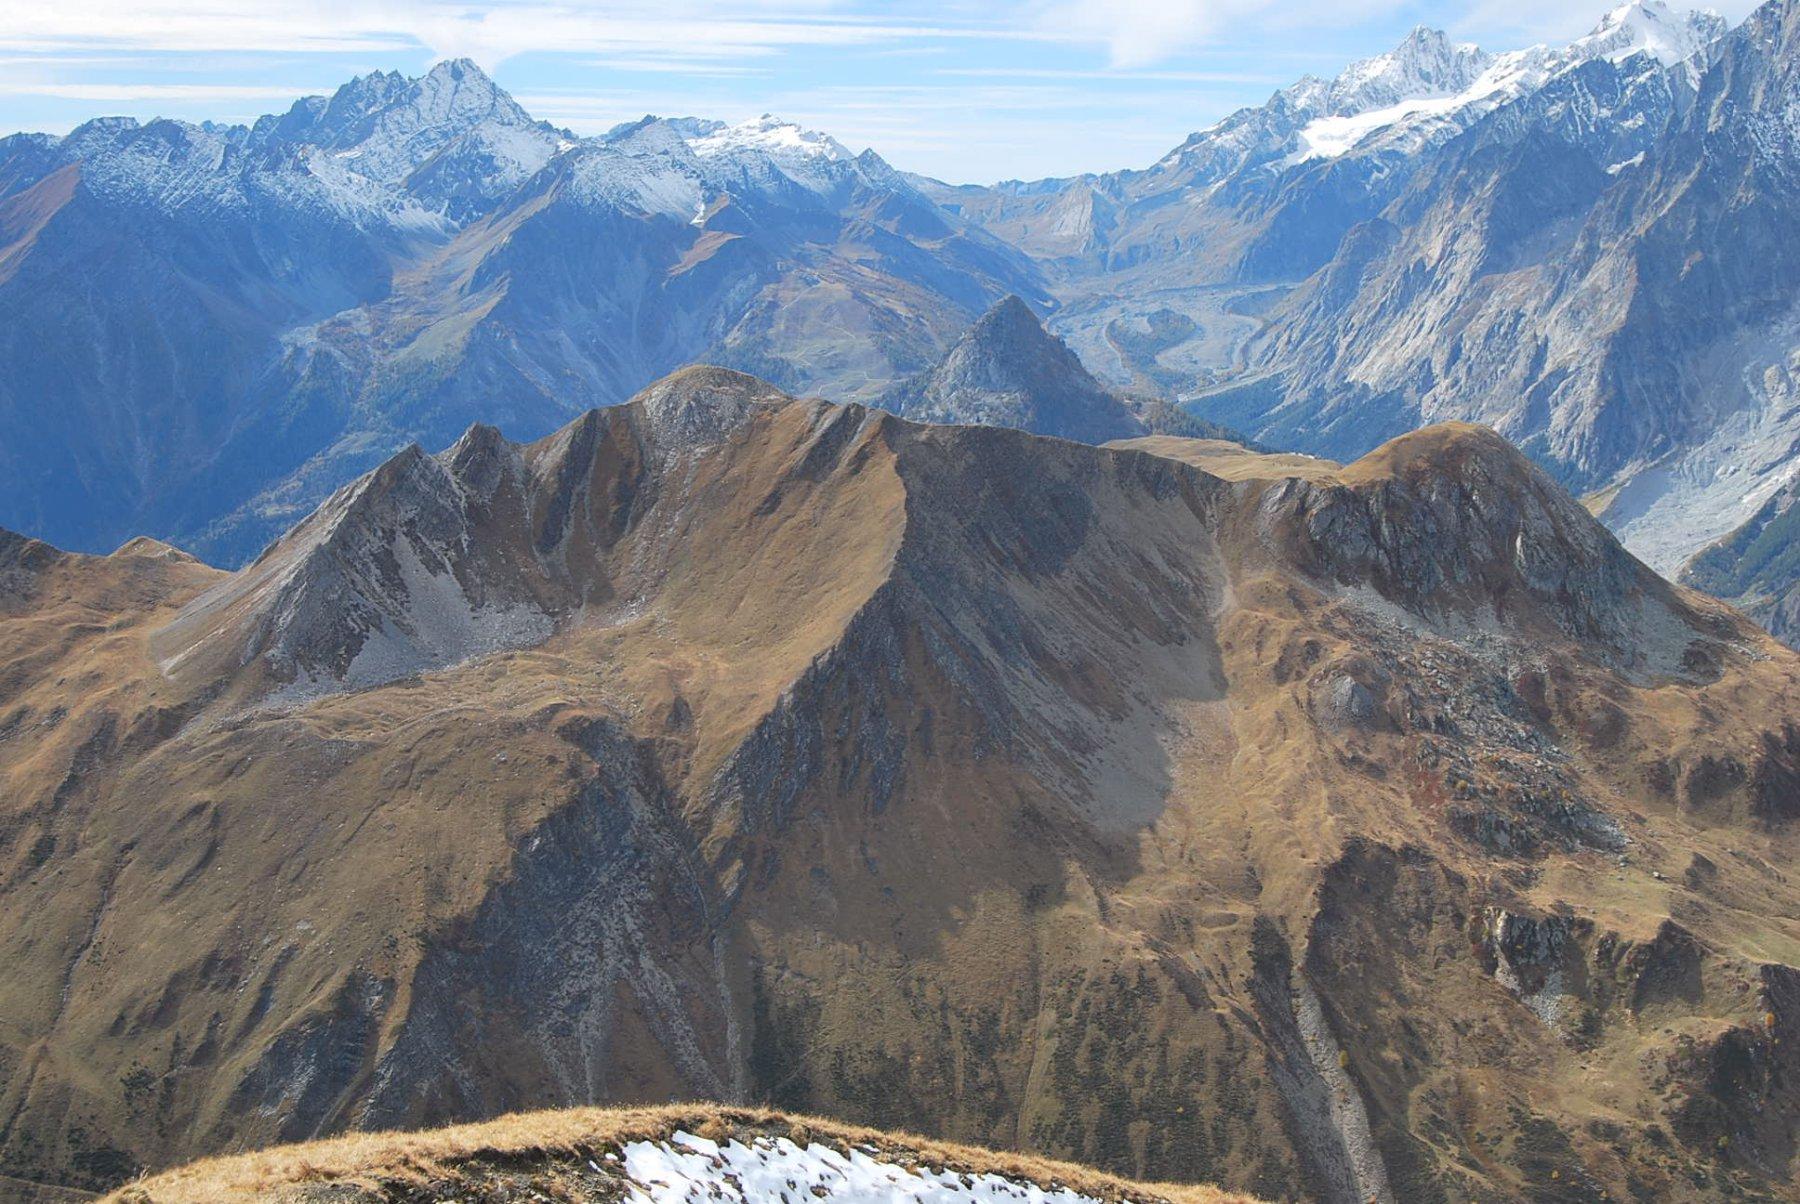 Immagine a ritroso: il Col Sapin e la Tete de la Tronche toccati in precedenza visti dalla Tete entre Deux Sauts